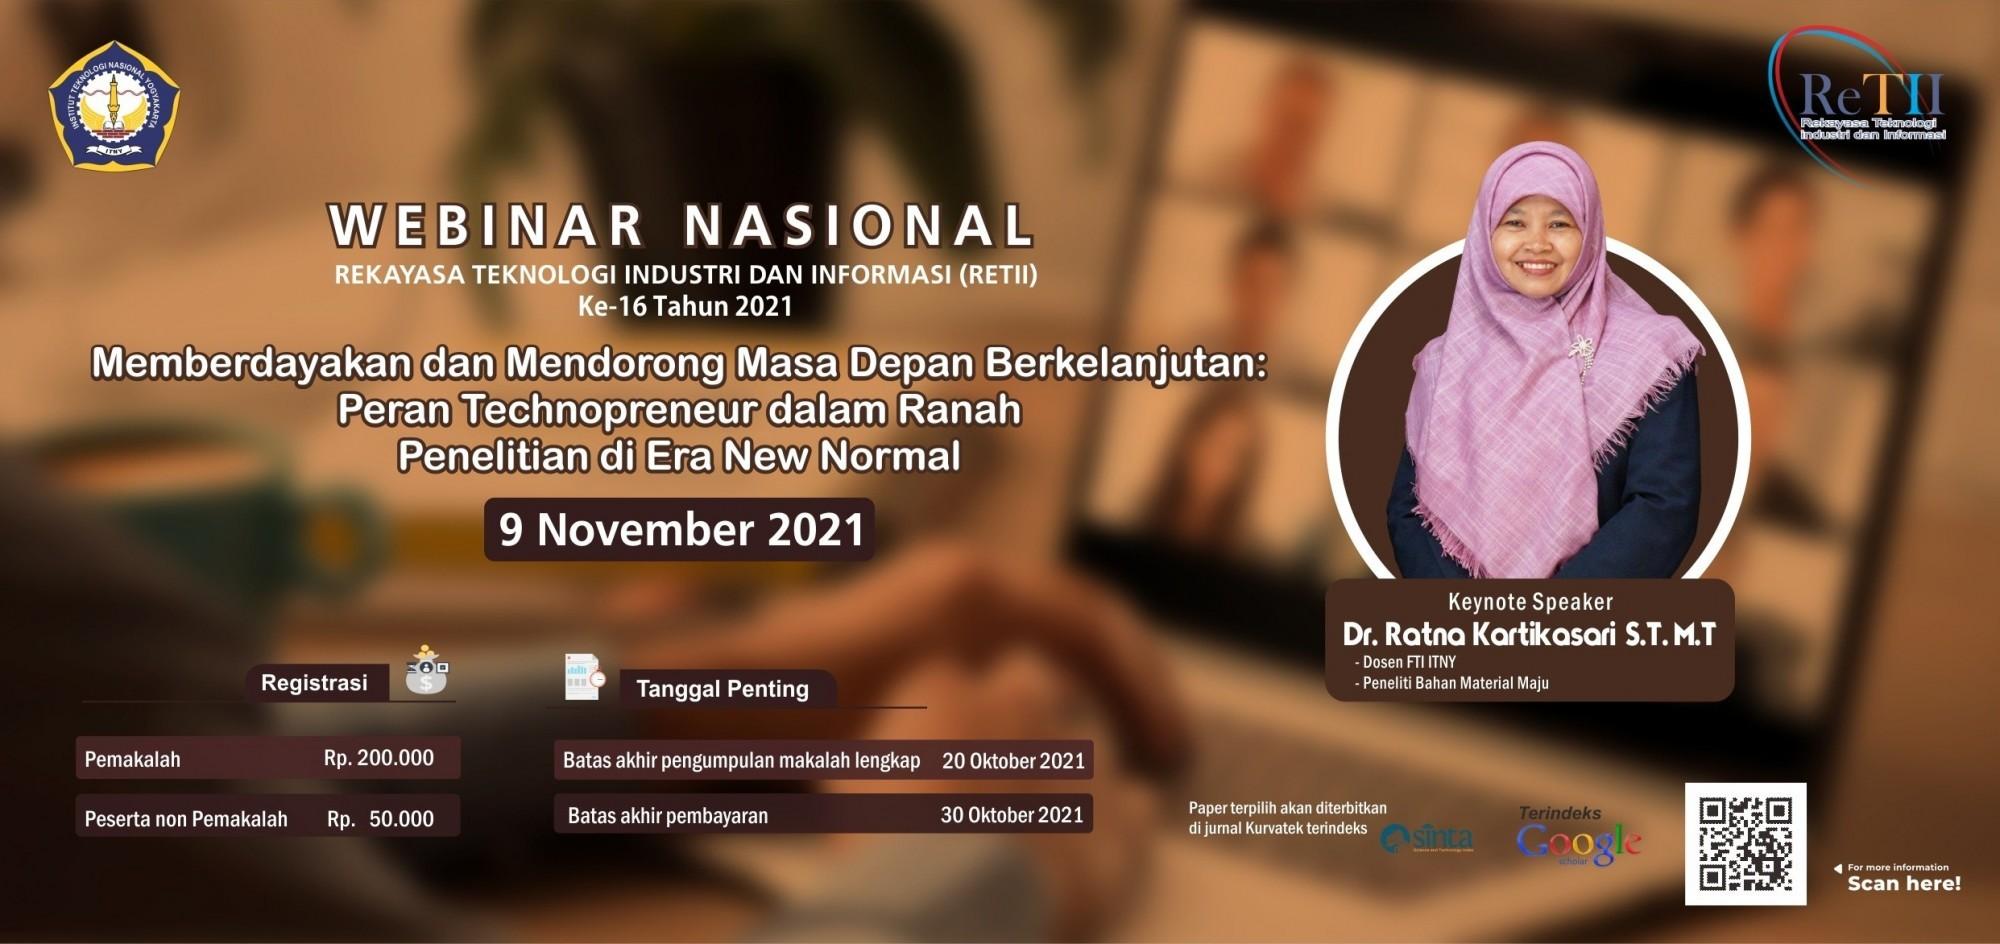 Seminar Nasional ReTII ke-16 [WEBINAR] 2021